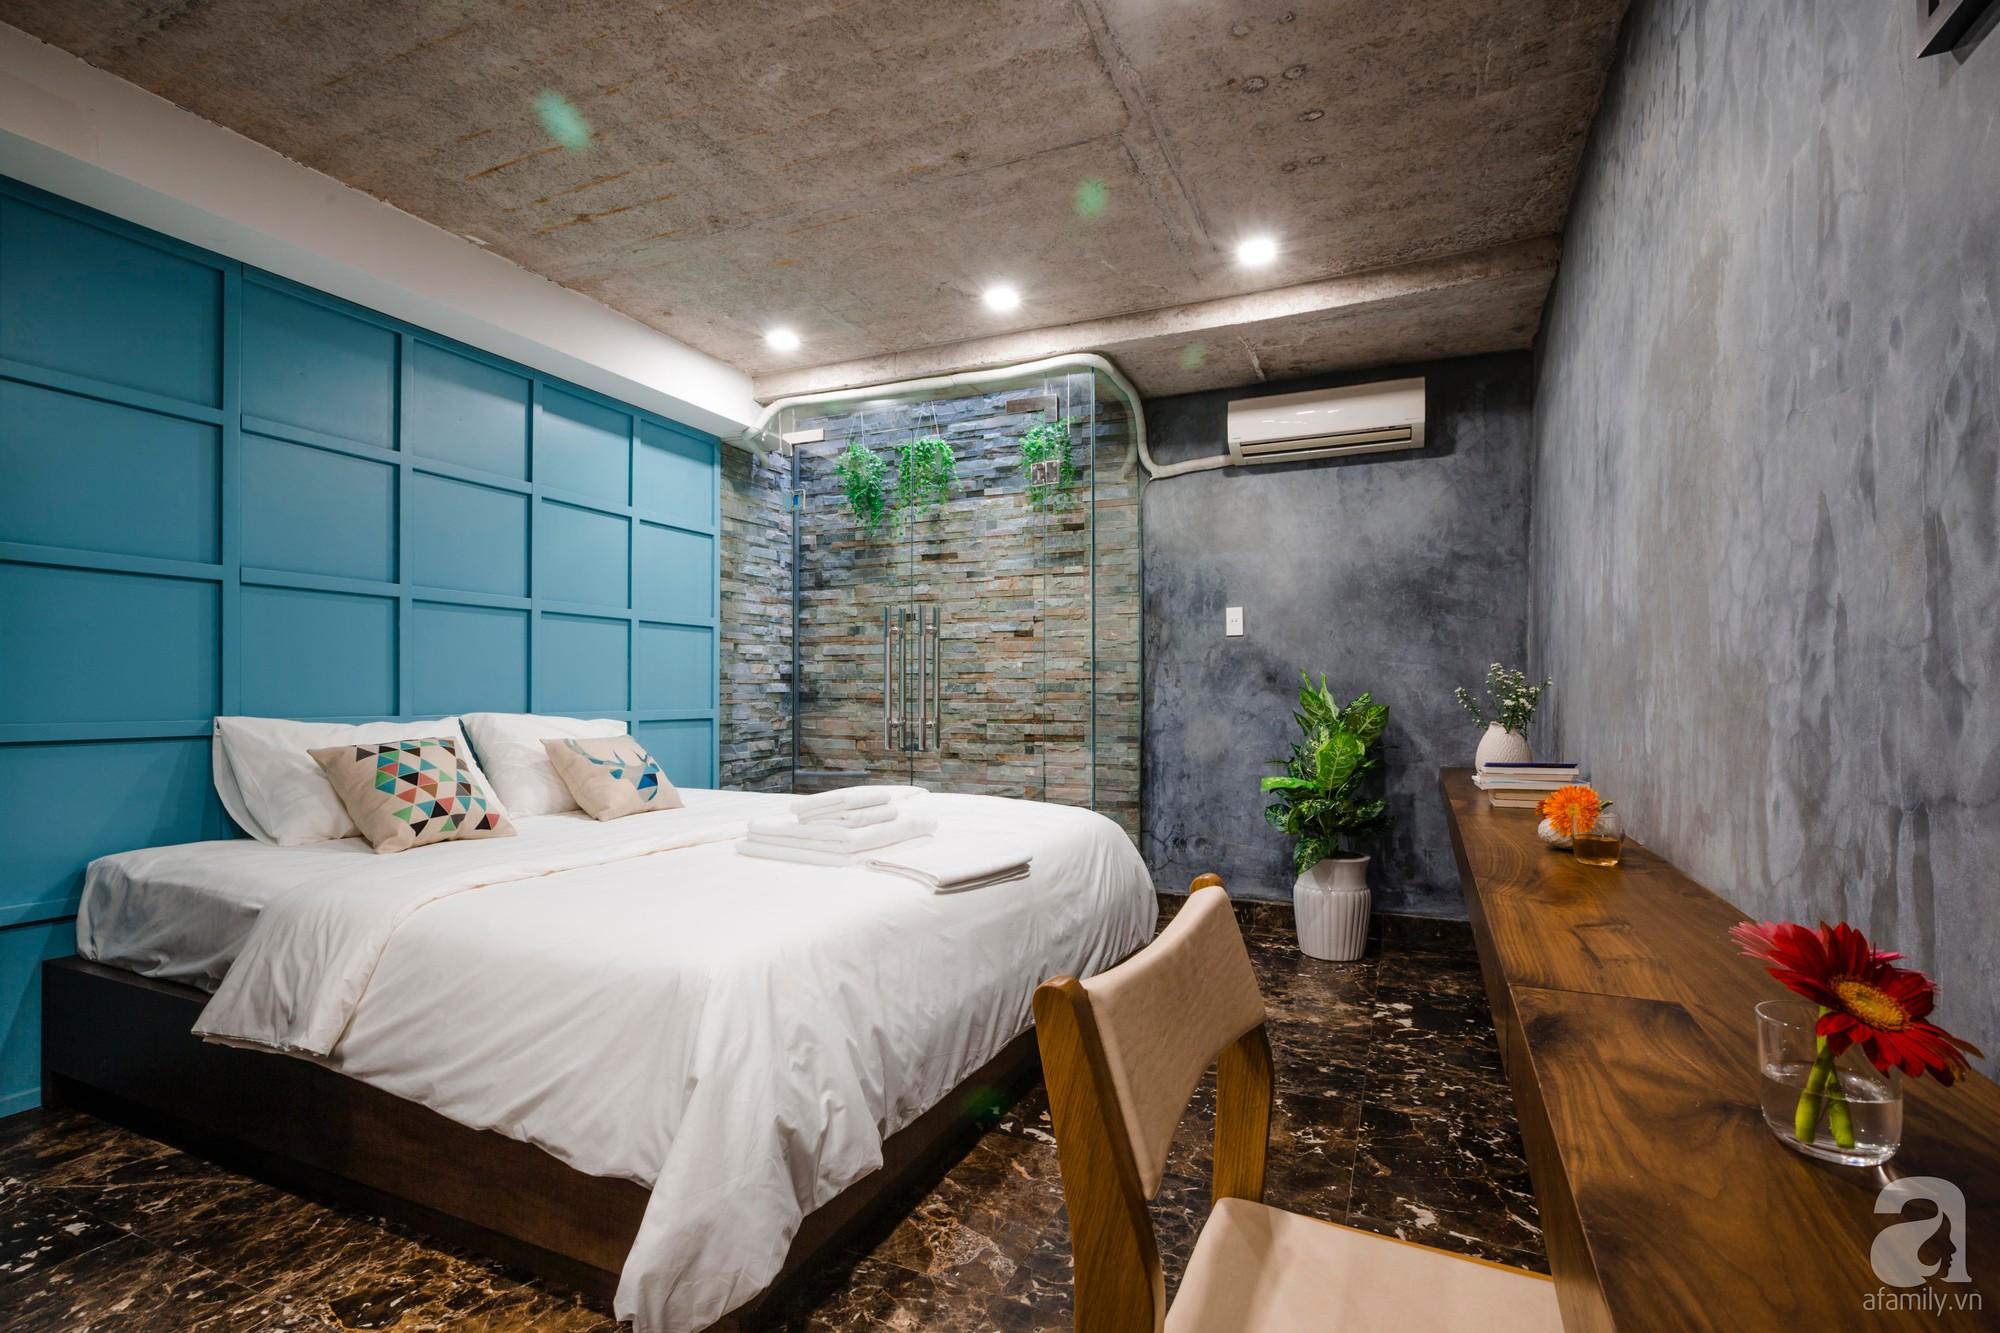 Căn hộ 55m² được cải tạo từ tầng hầm đẹp bất ngờ với điểm nhấn màu xanh biển mát lành ở TP HCM - Ảnh 11.